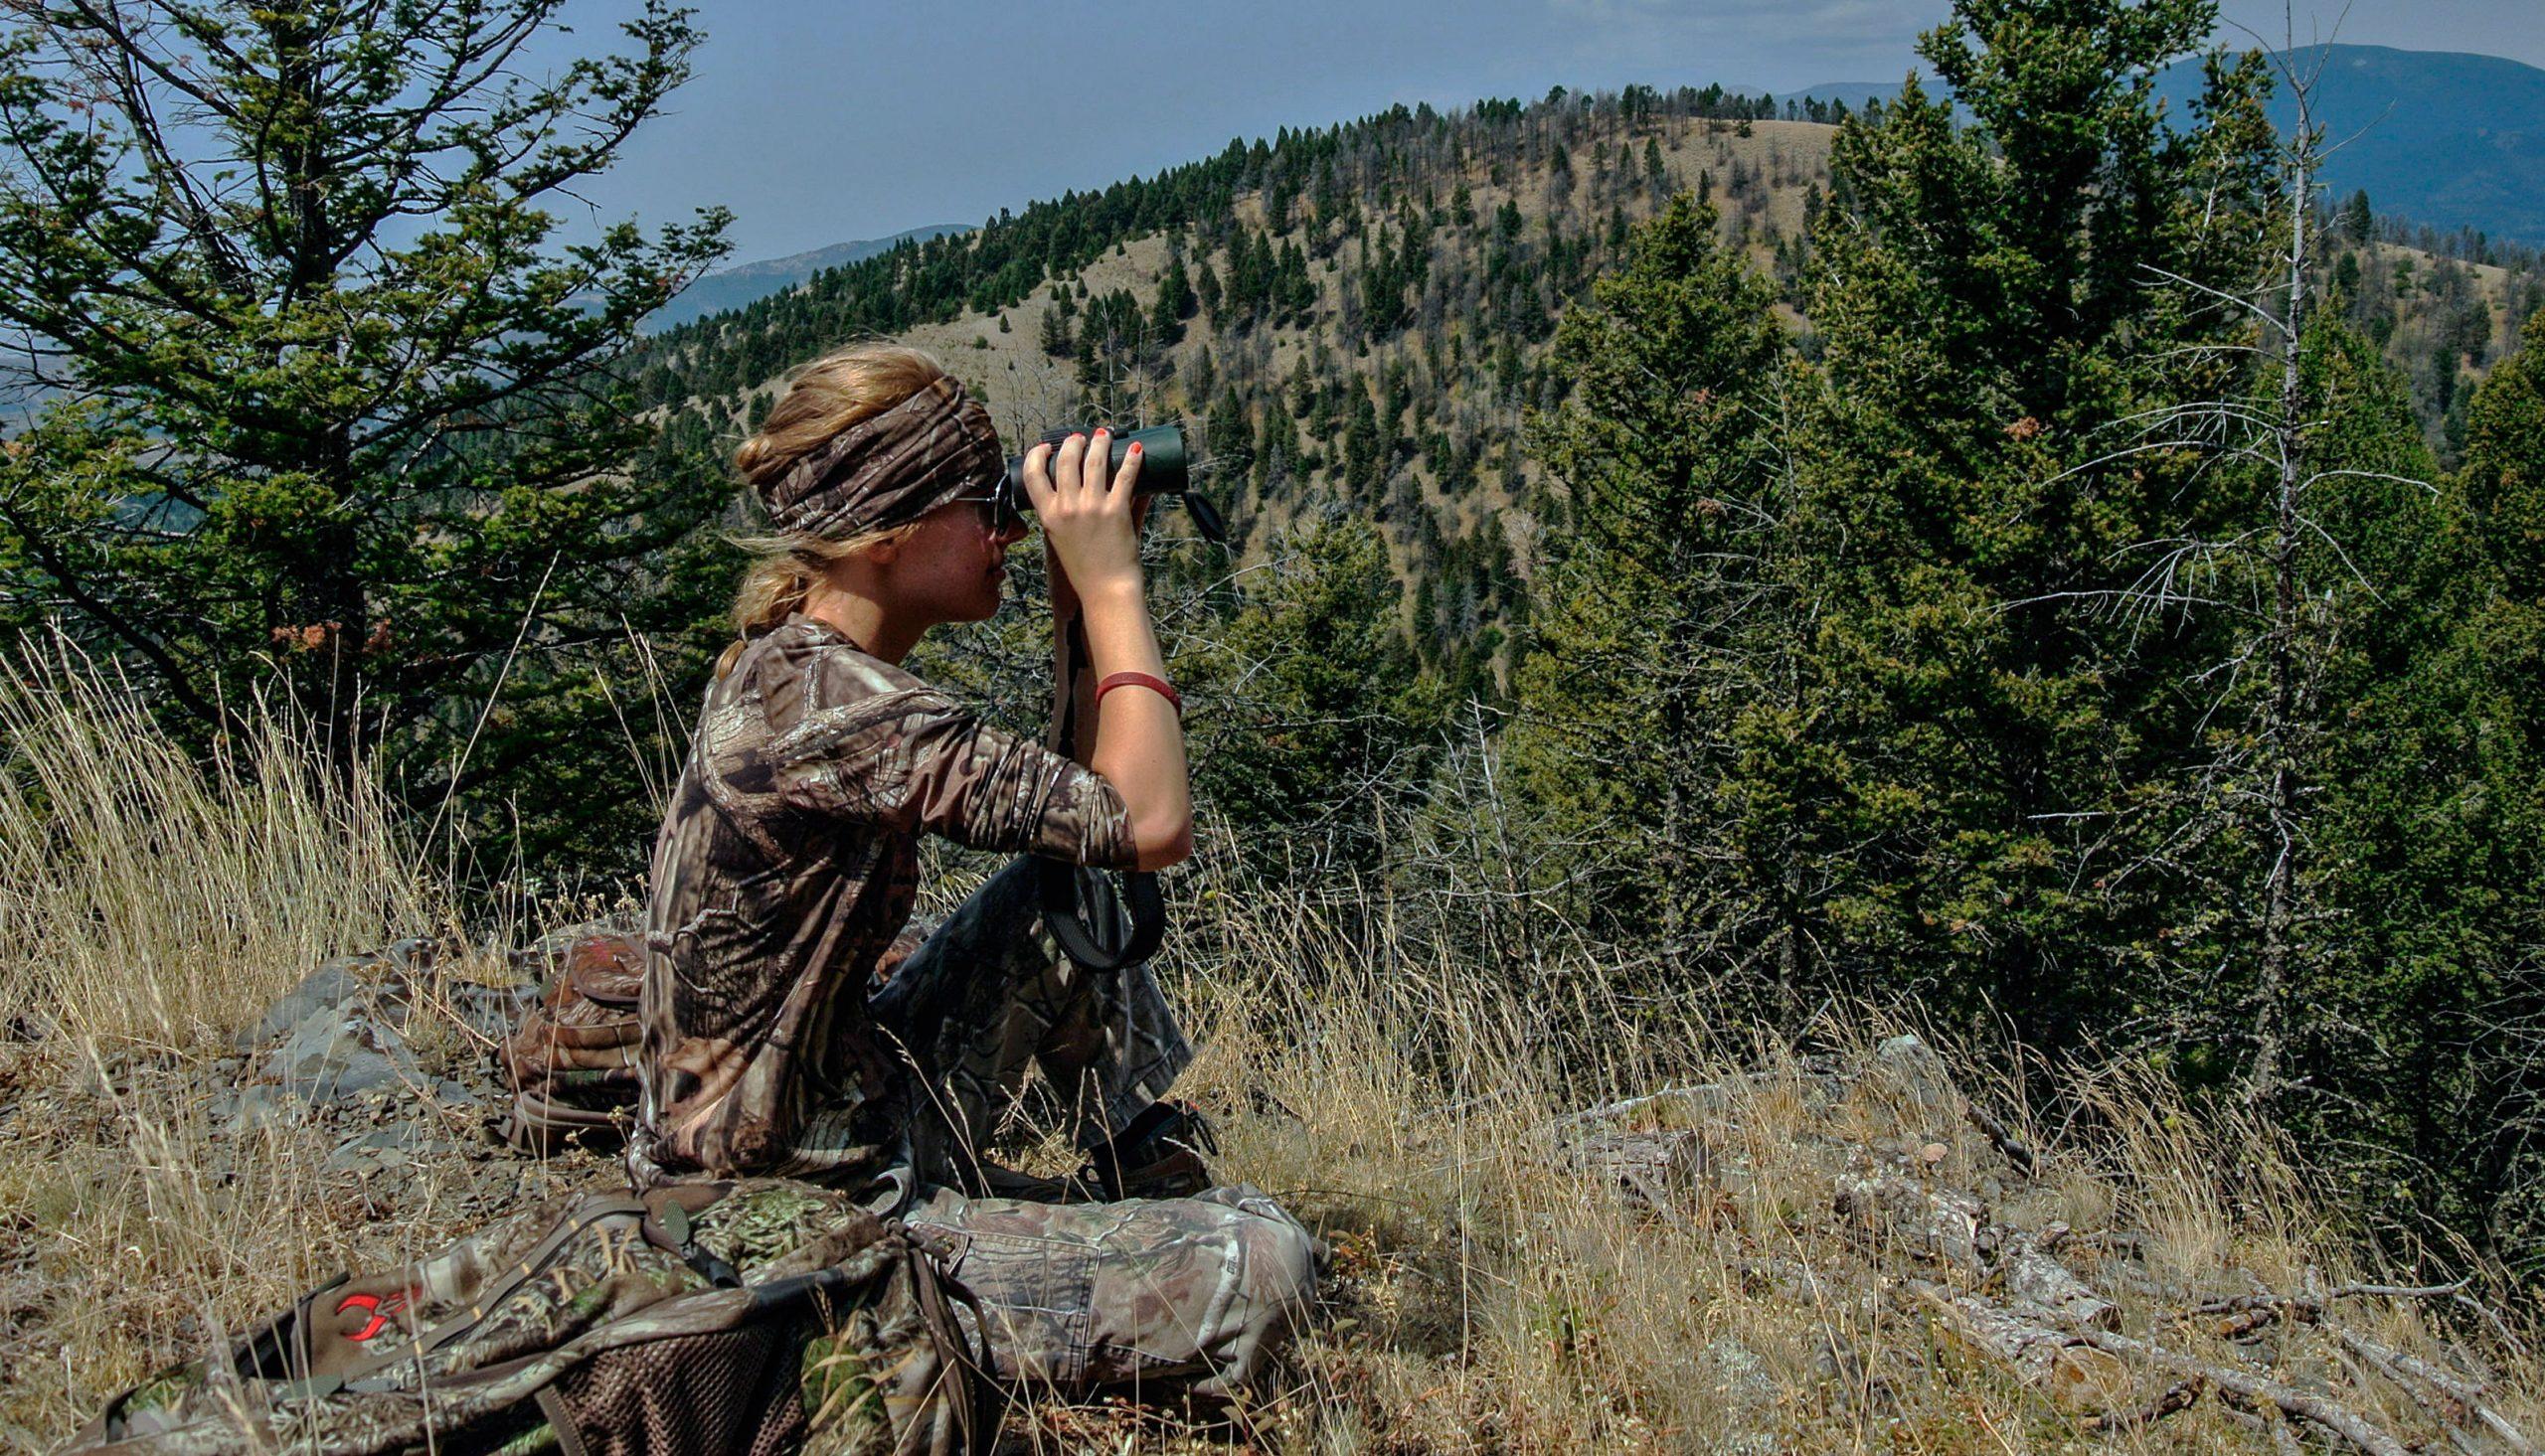 Finding Rocky Mountain Elk